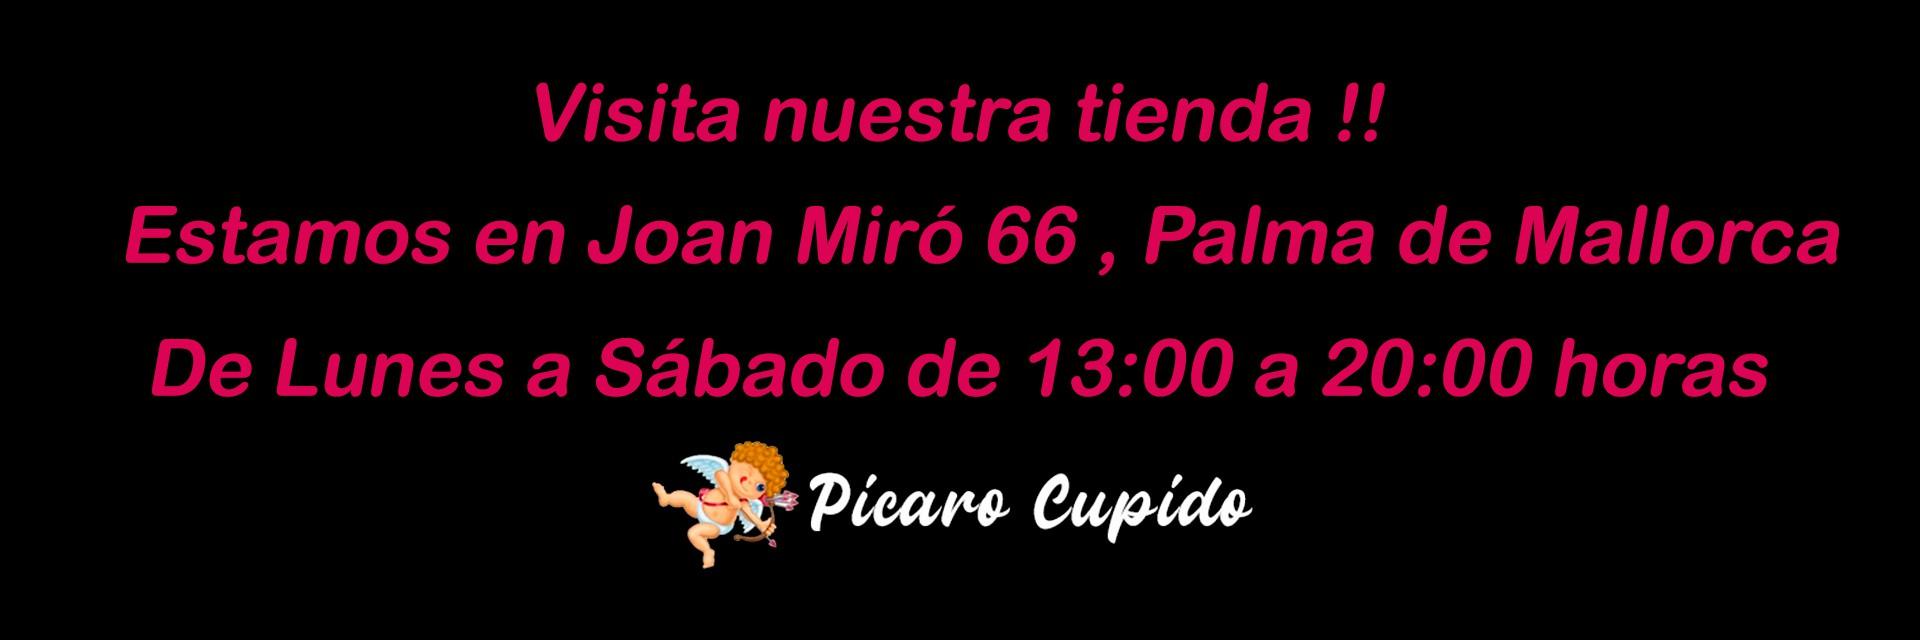 Horario Picaro Cupido